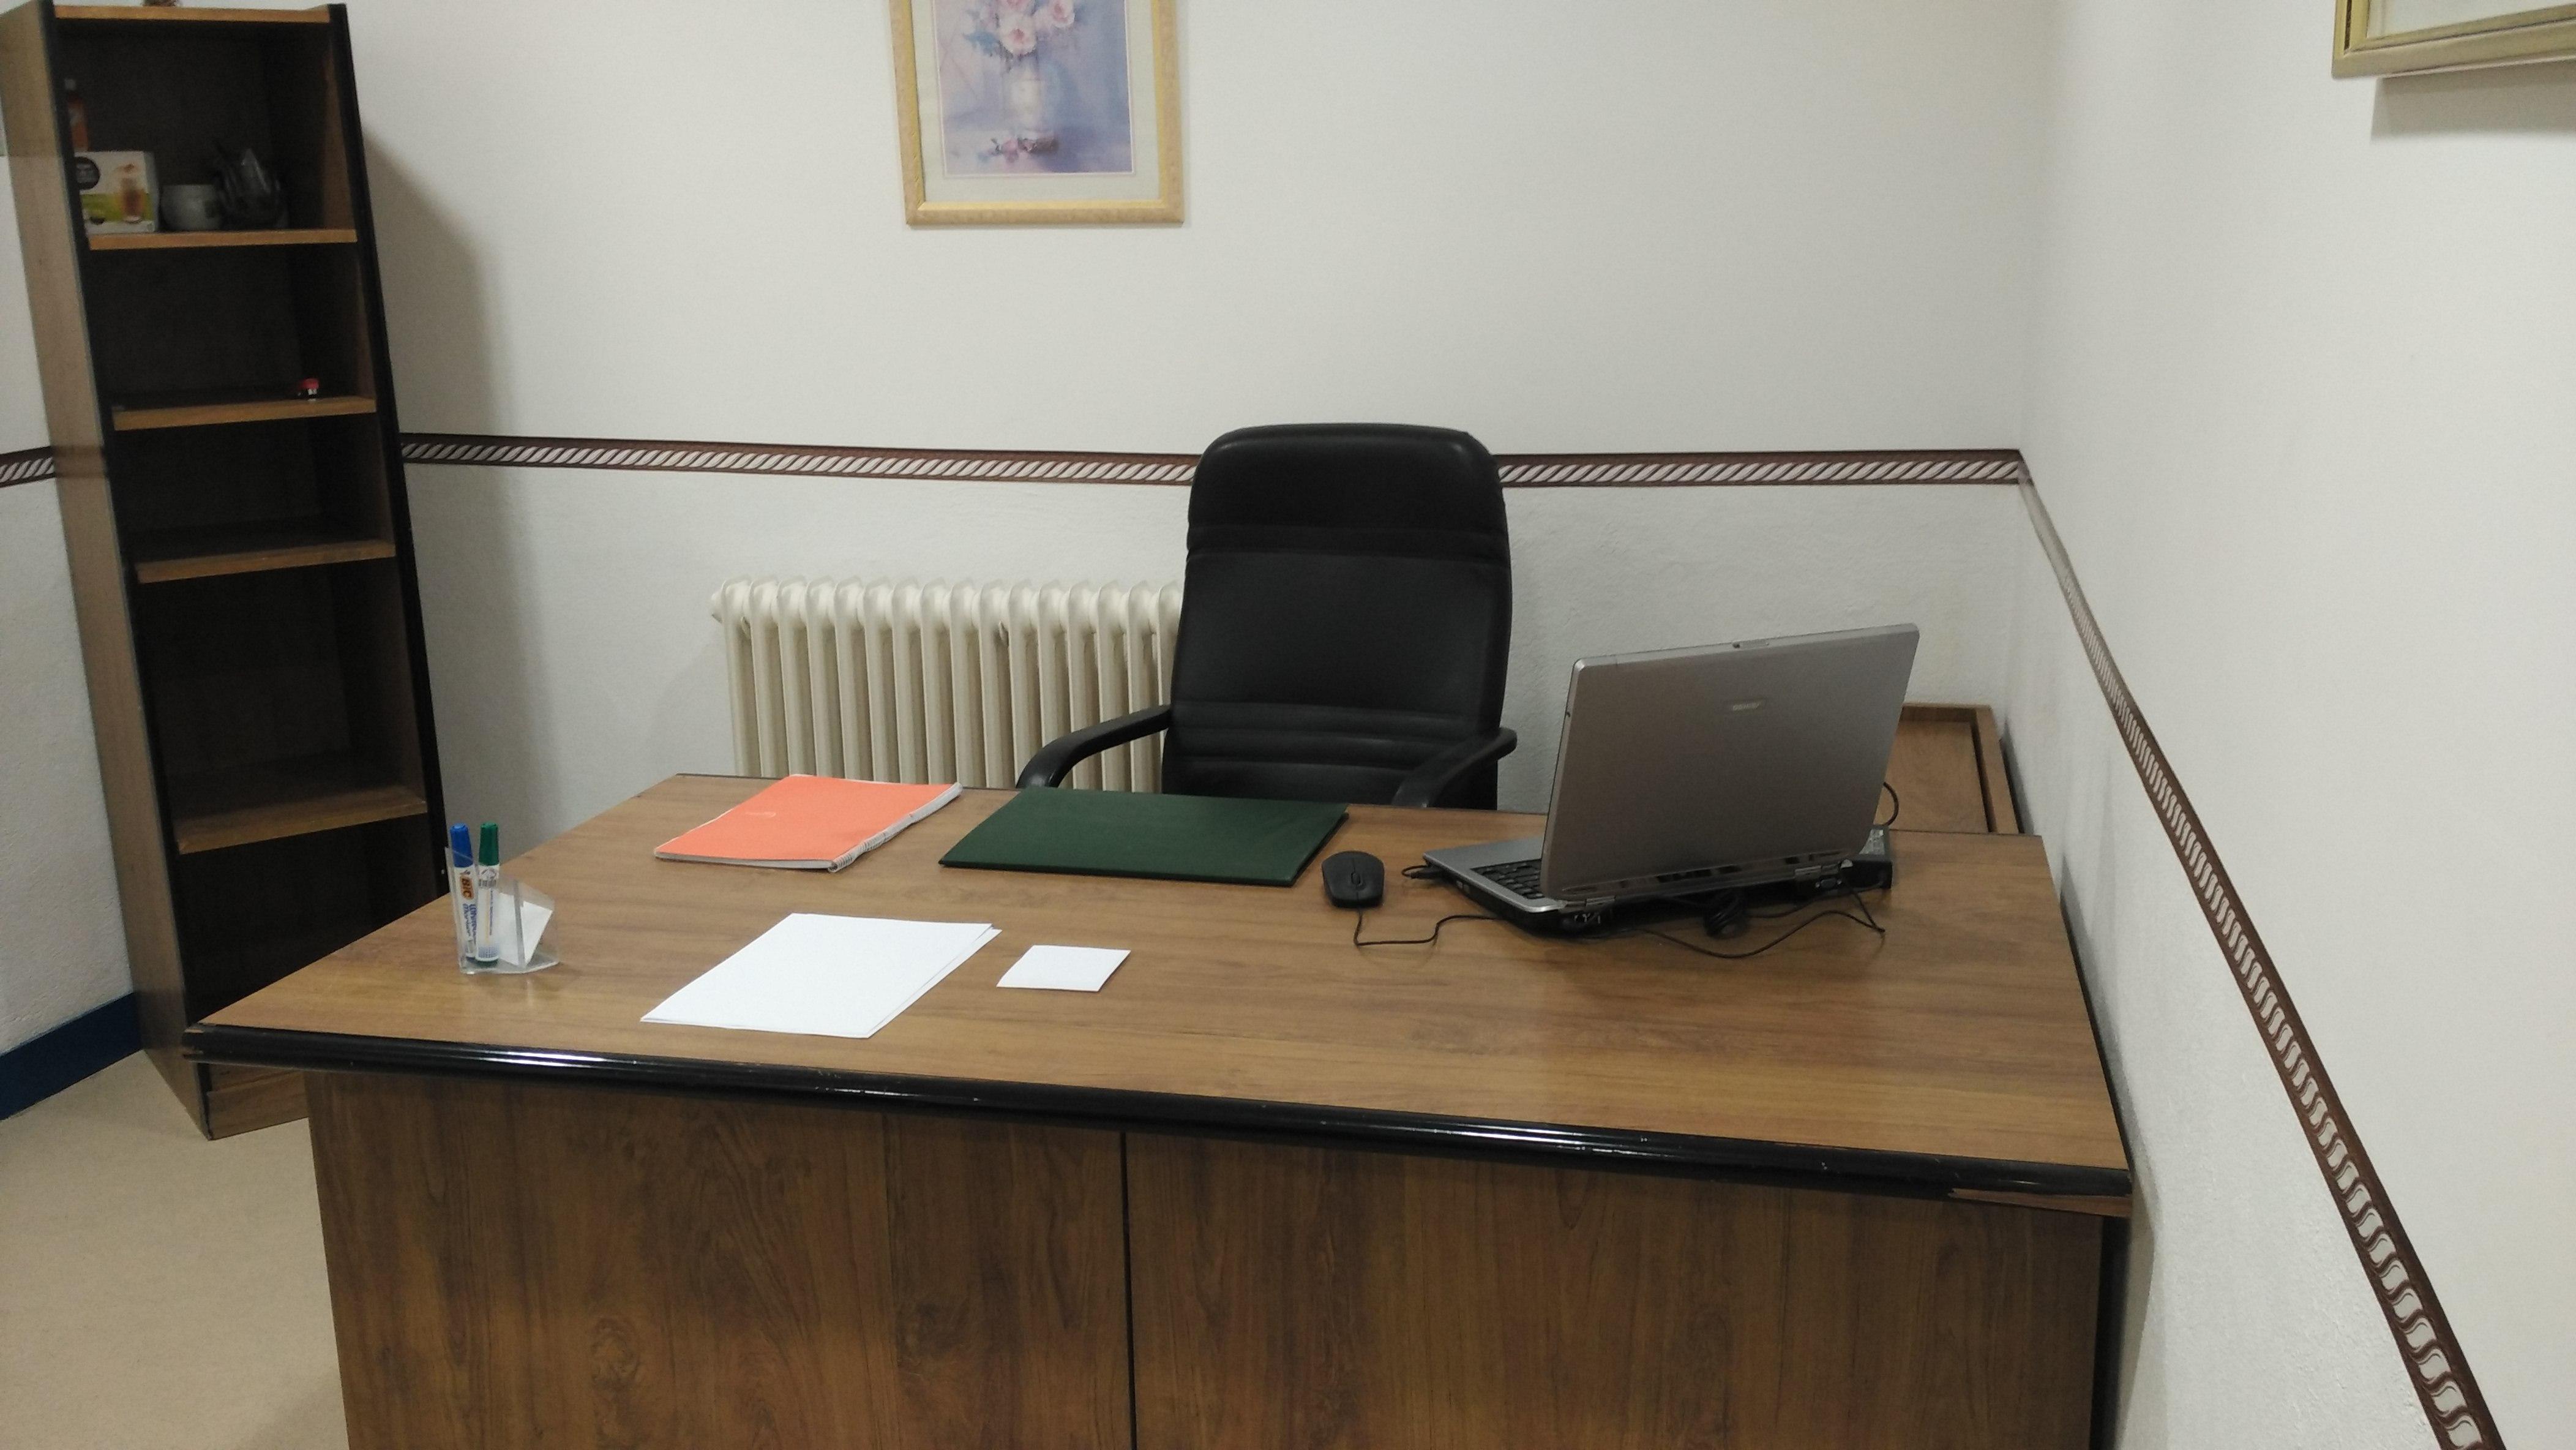 Despacho alquilado por horas